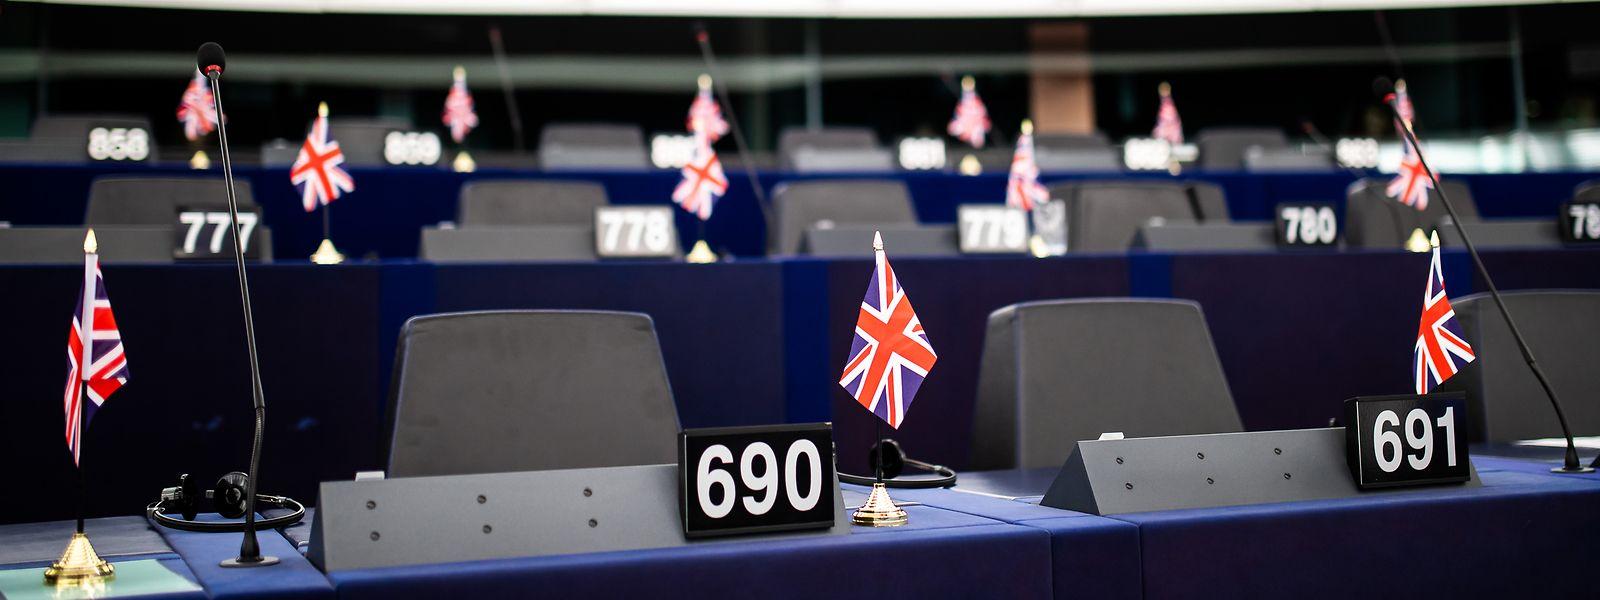 Am 31.01.2020 soll Großbritannien die EU verlassen.